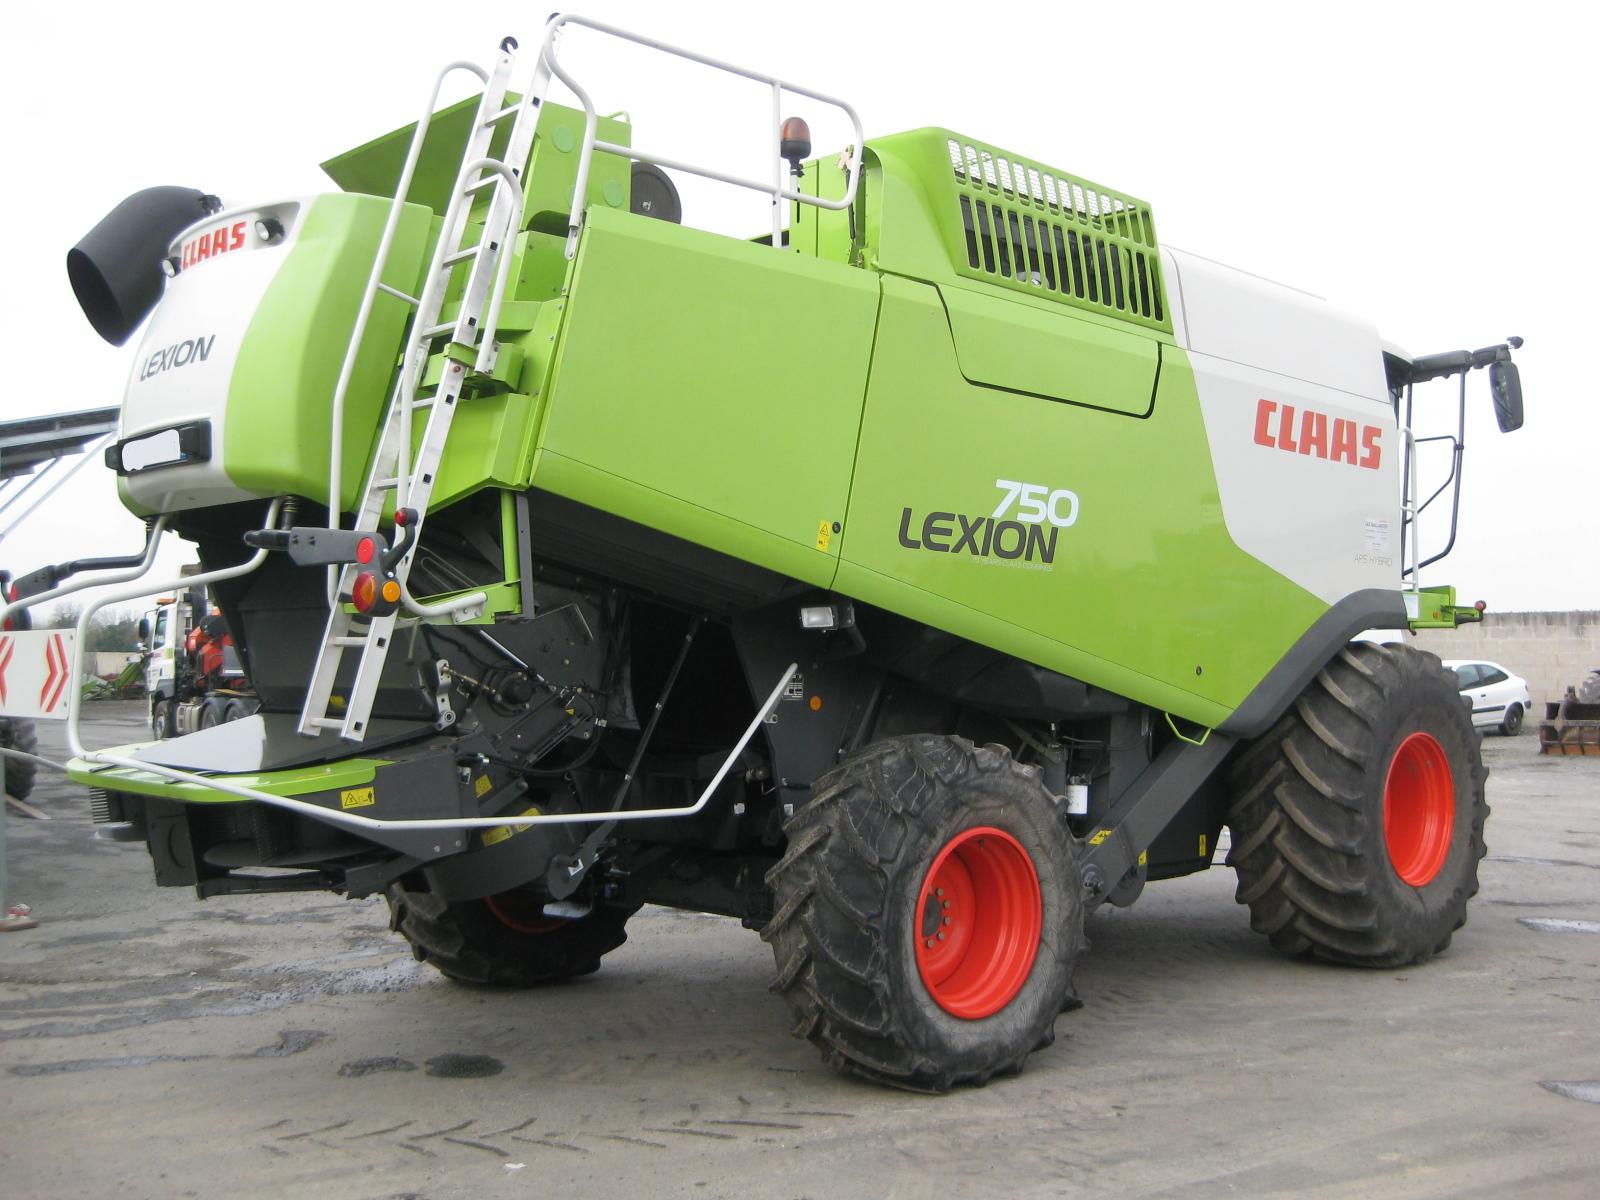 CLAAS - LEXION 750